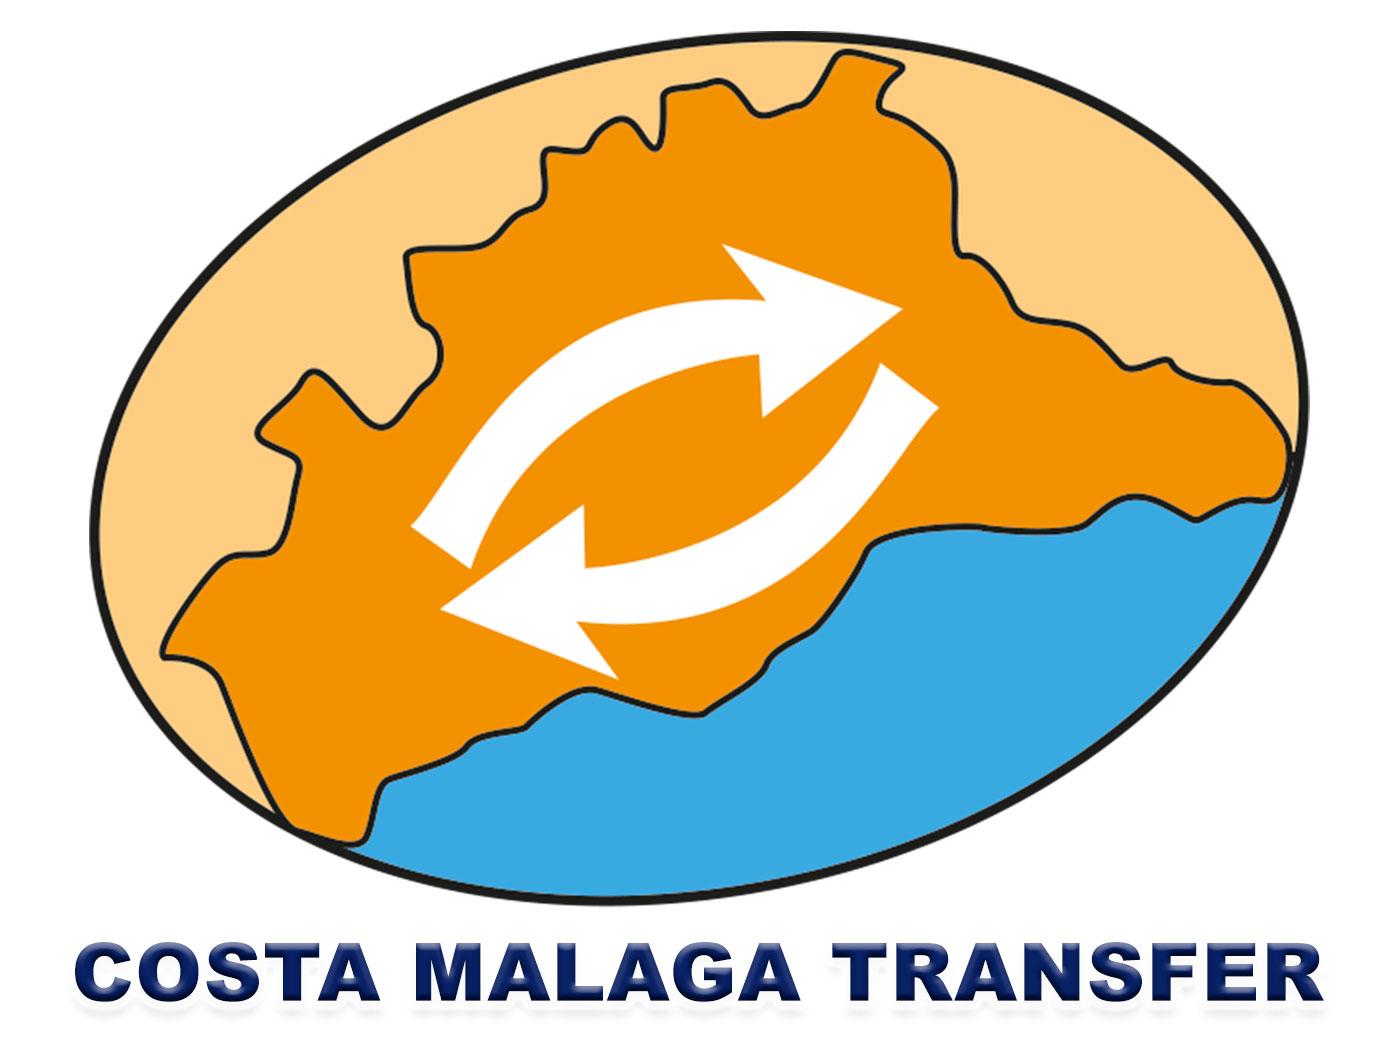 Logo-1400x1050-Costamalagatransfer